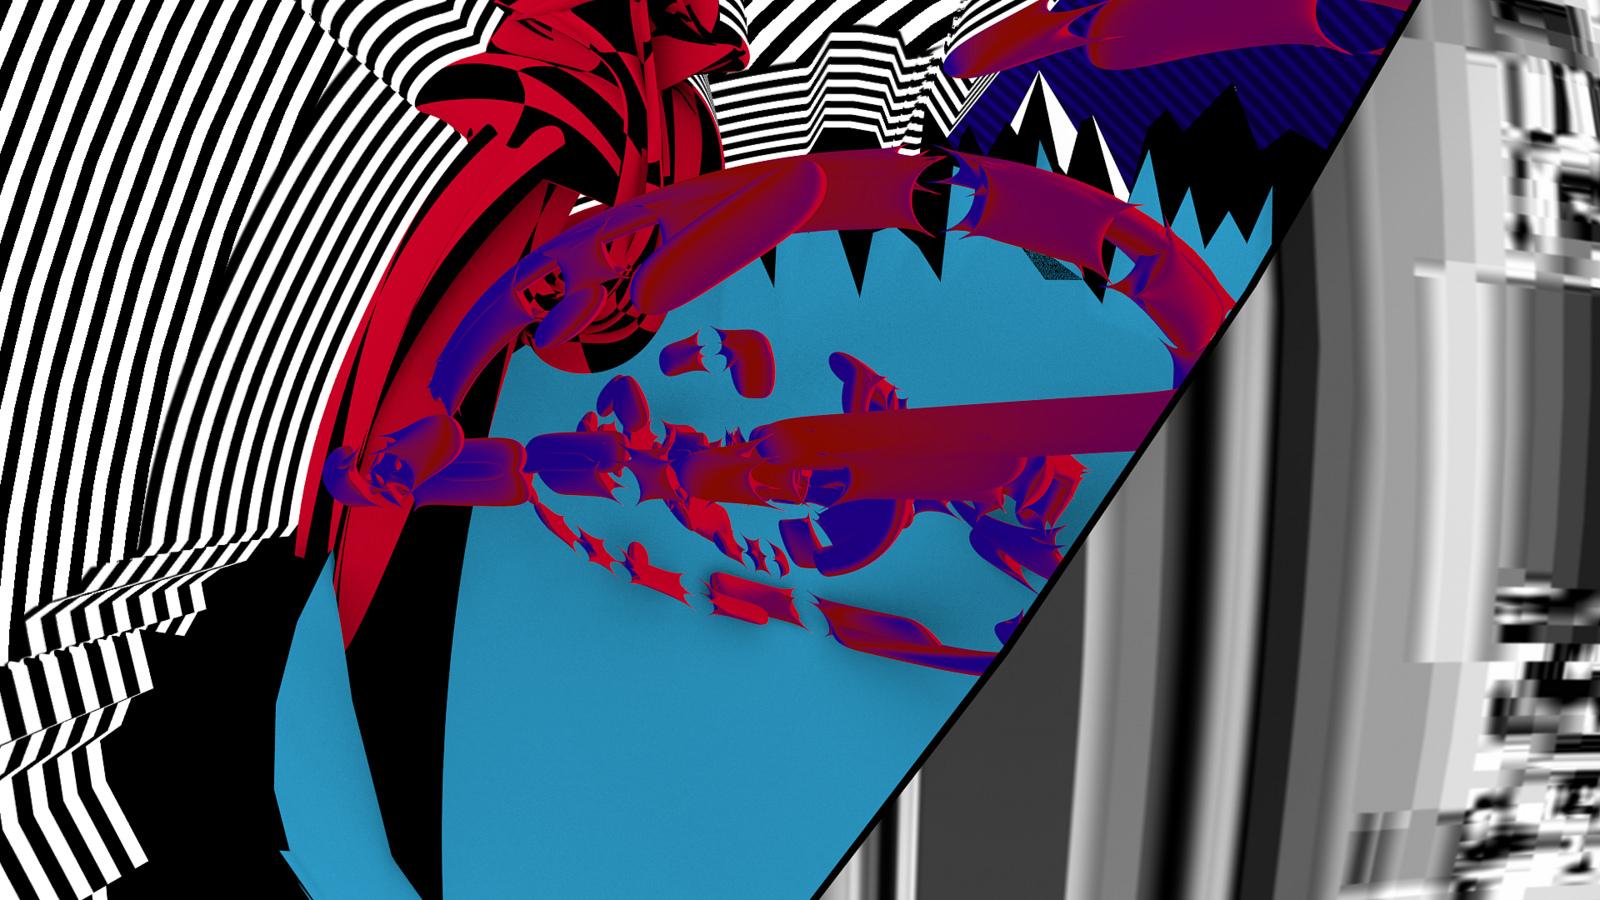 MyPandaShallFly_LightUnderTheDoor_ArtworkByHelloCatfood